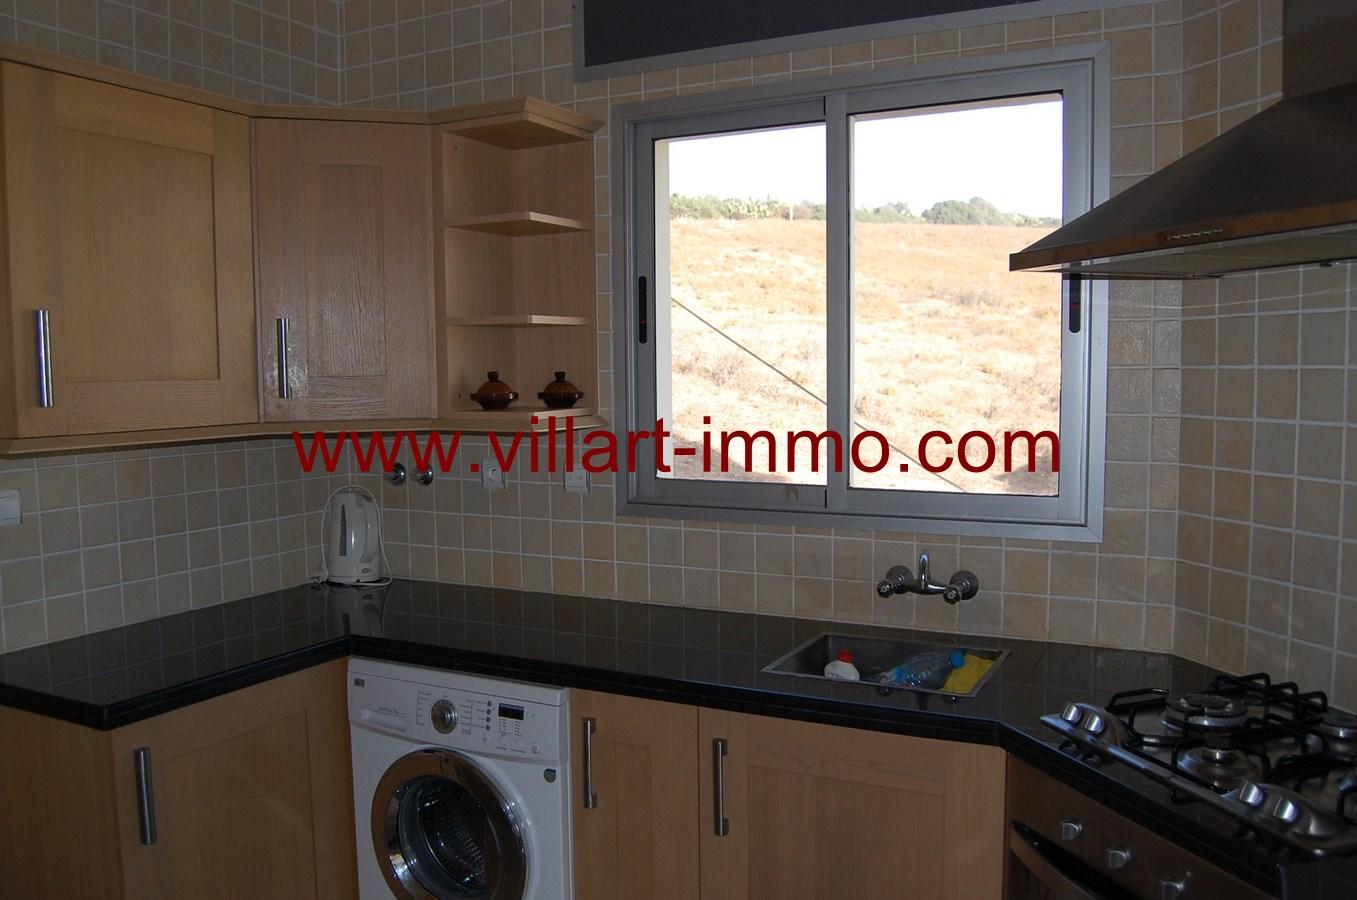 8-vente-maison-tanger-jbilat-cuisine-vm408-villart-immo